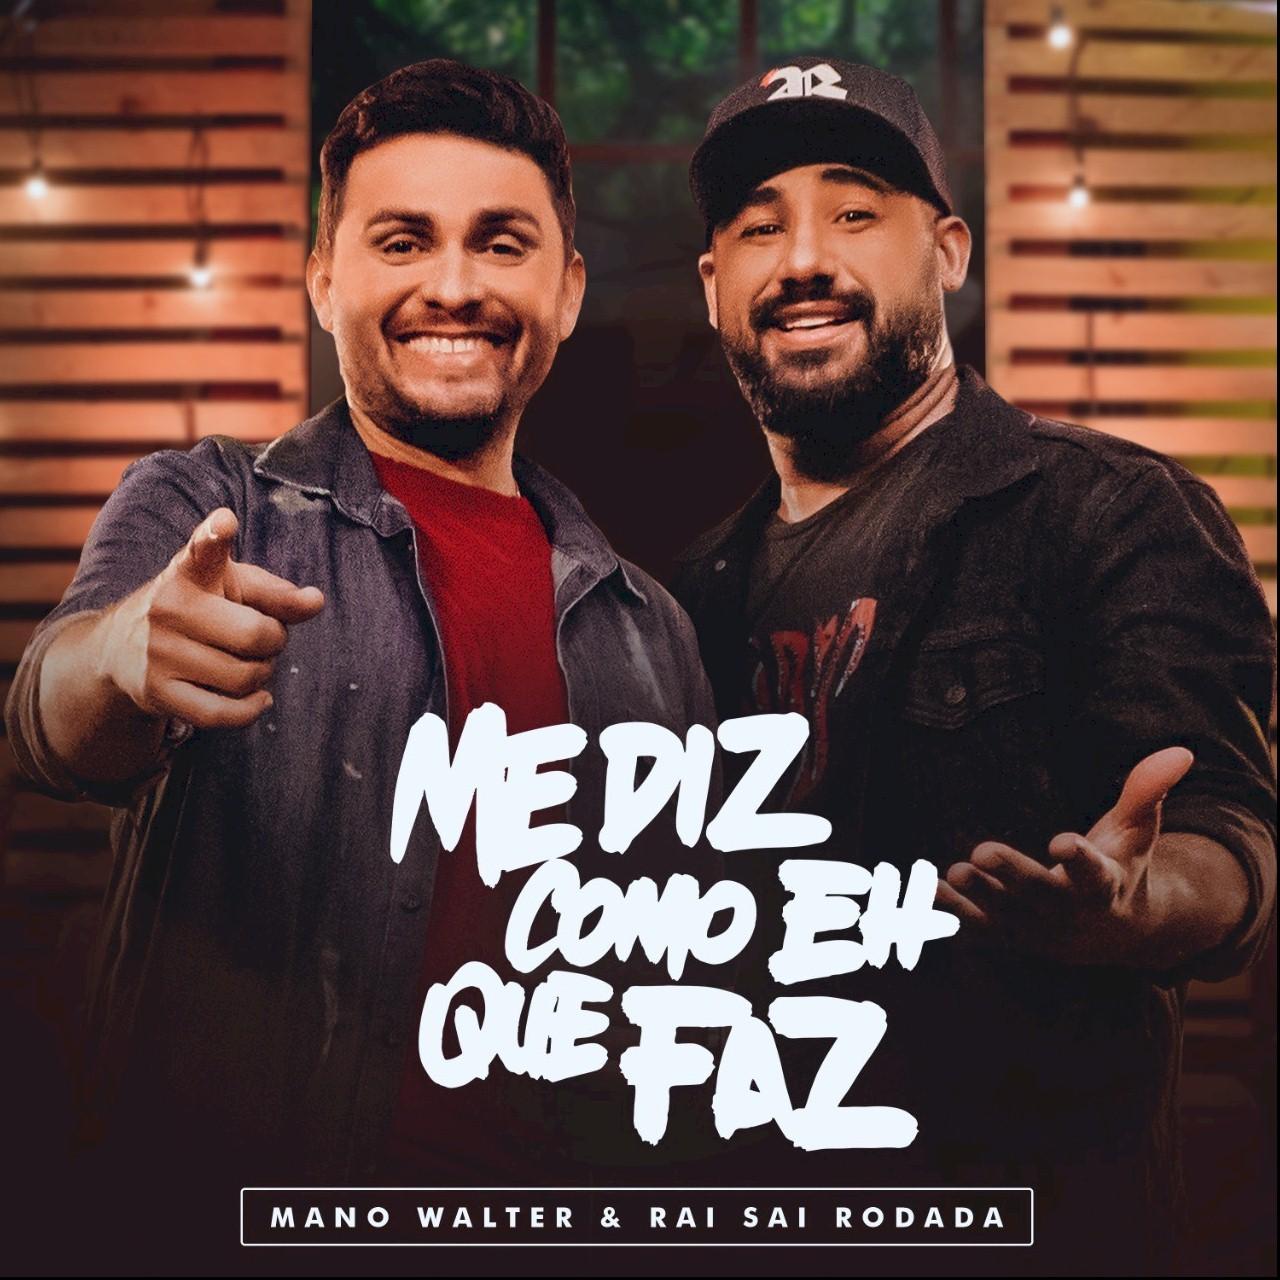 """Mano Walter e Raí Saia Rodada lançam o single e clipe de """"Me Diz Como É Que Faz"""""""